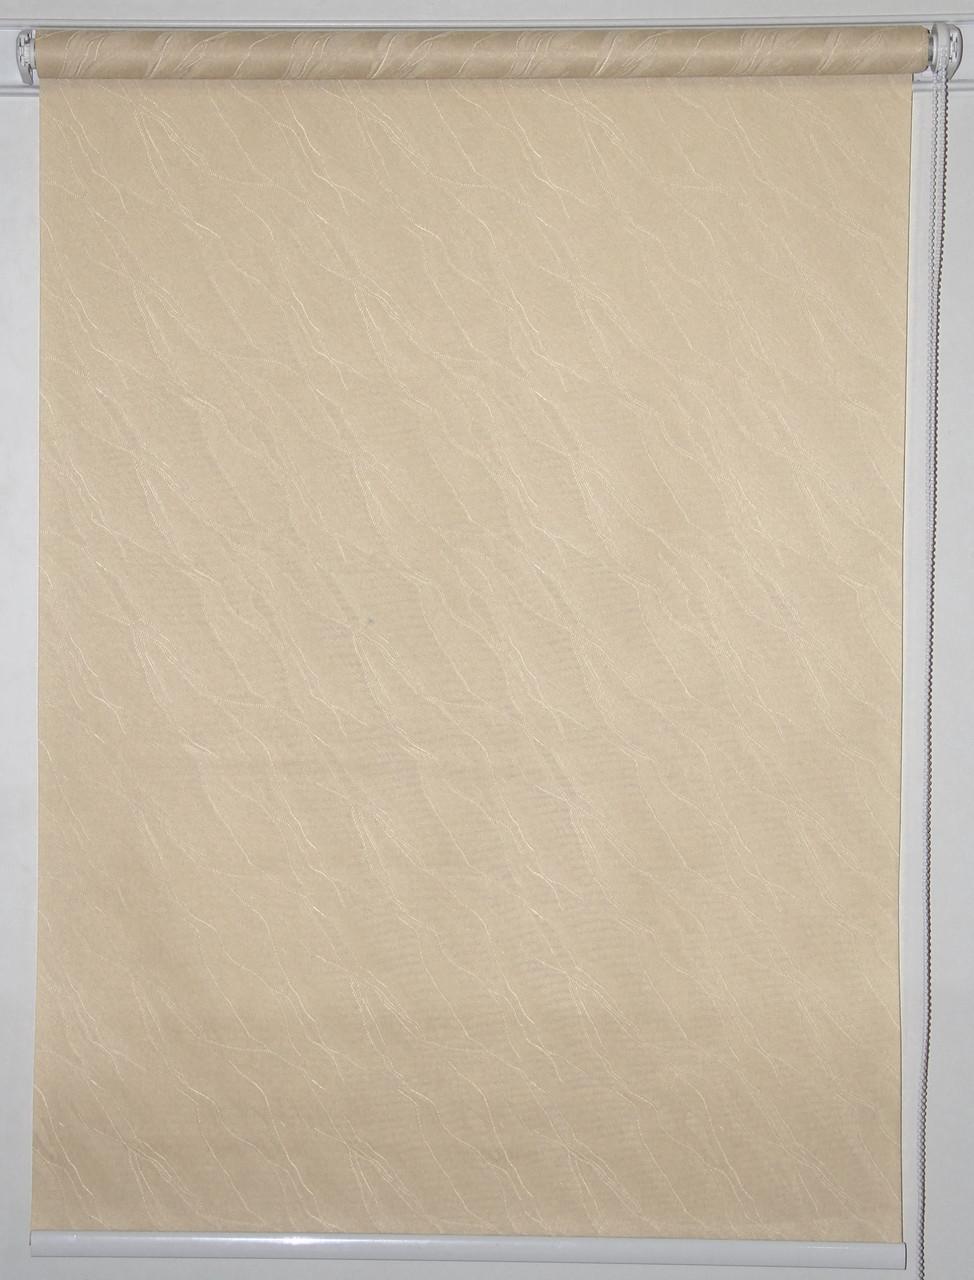 Готовые рулонные шторы 1150*1500 Ткань Вода 1839 Какао